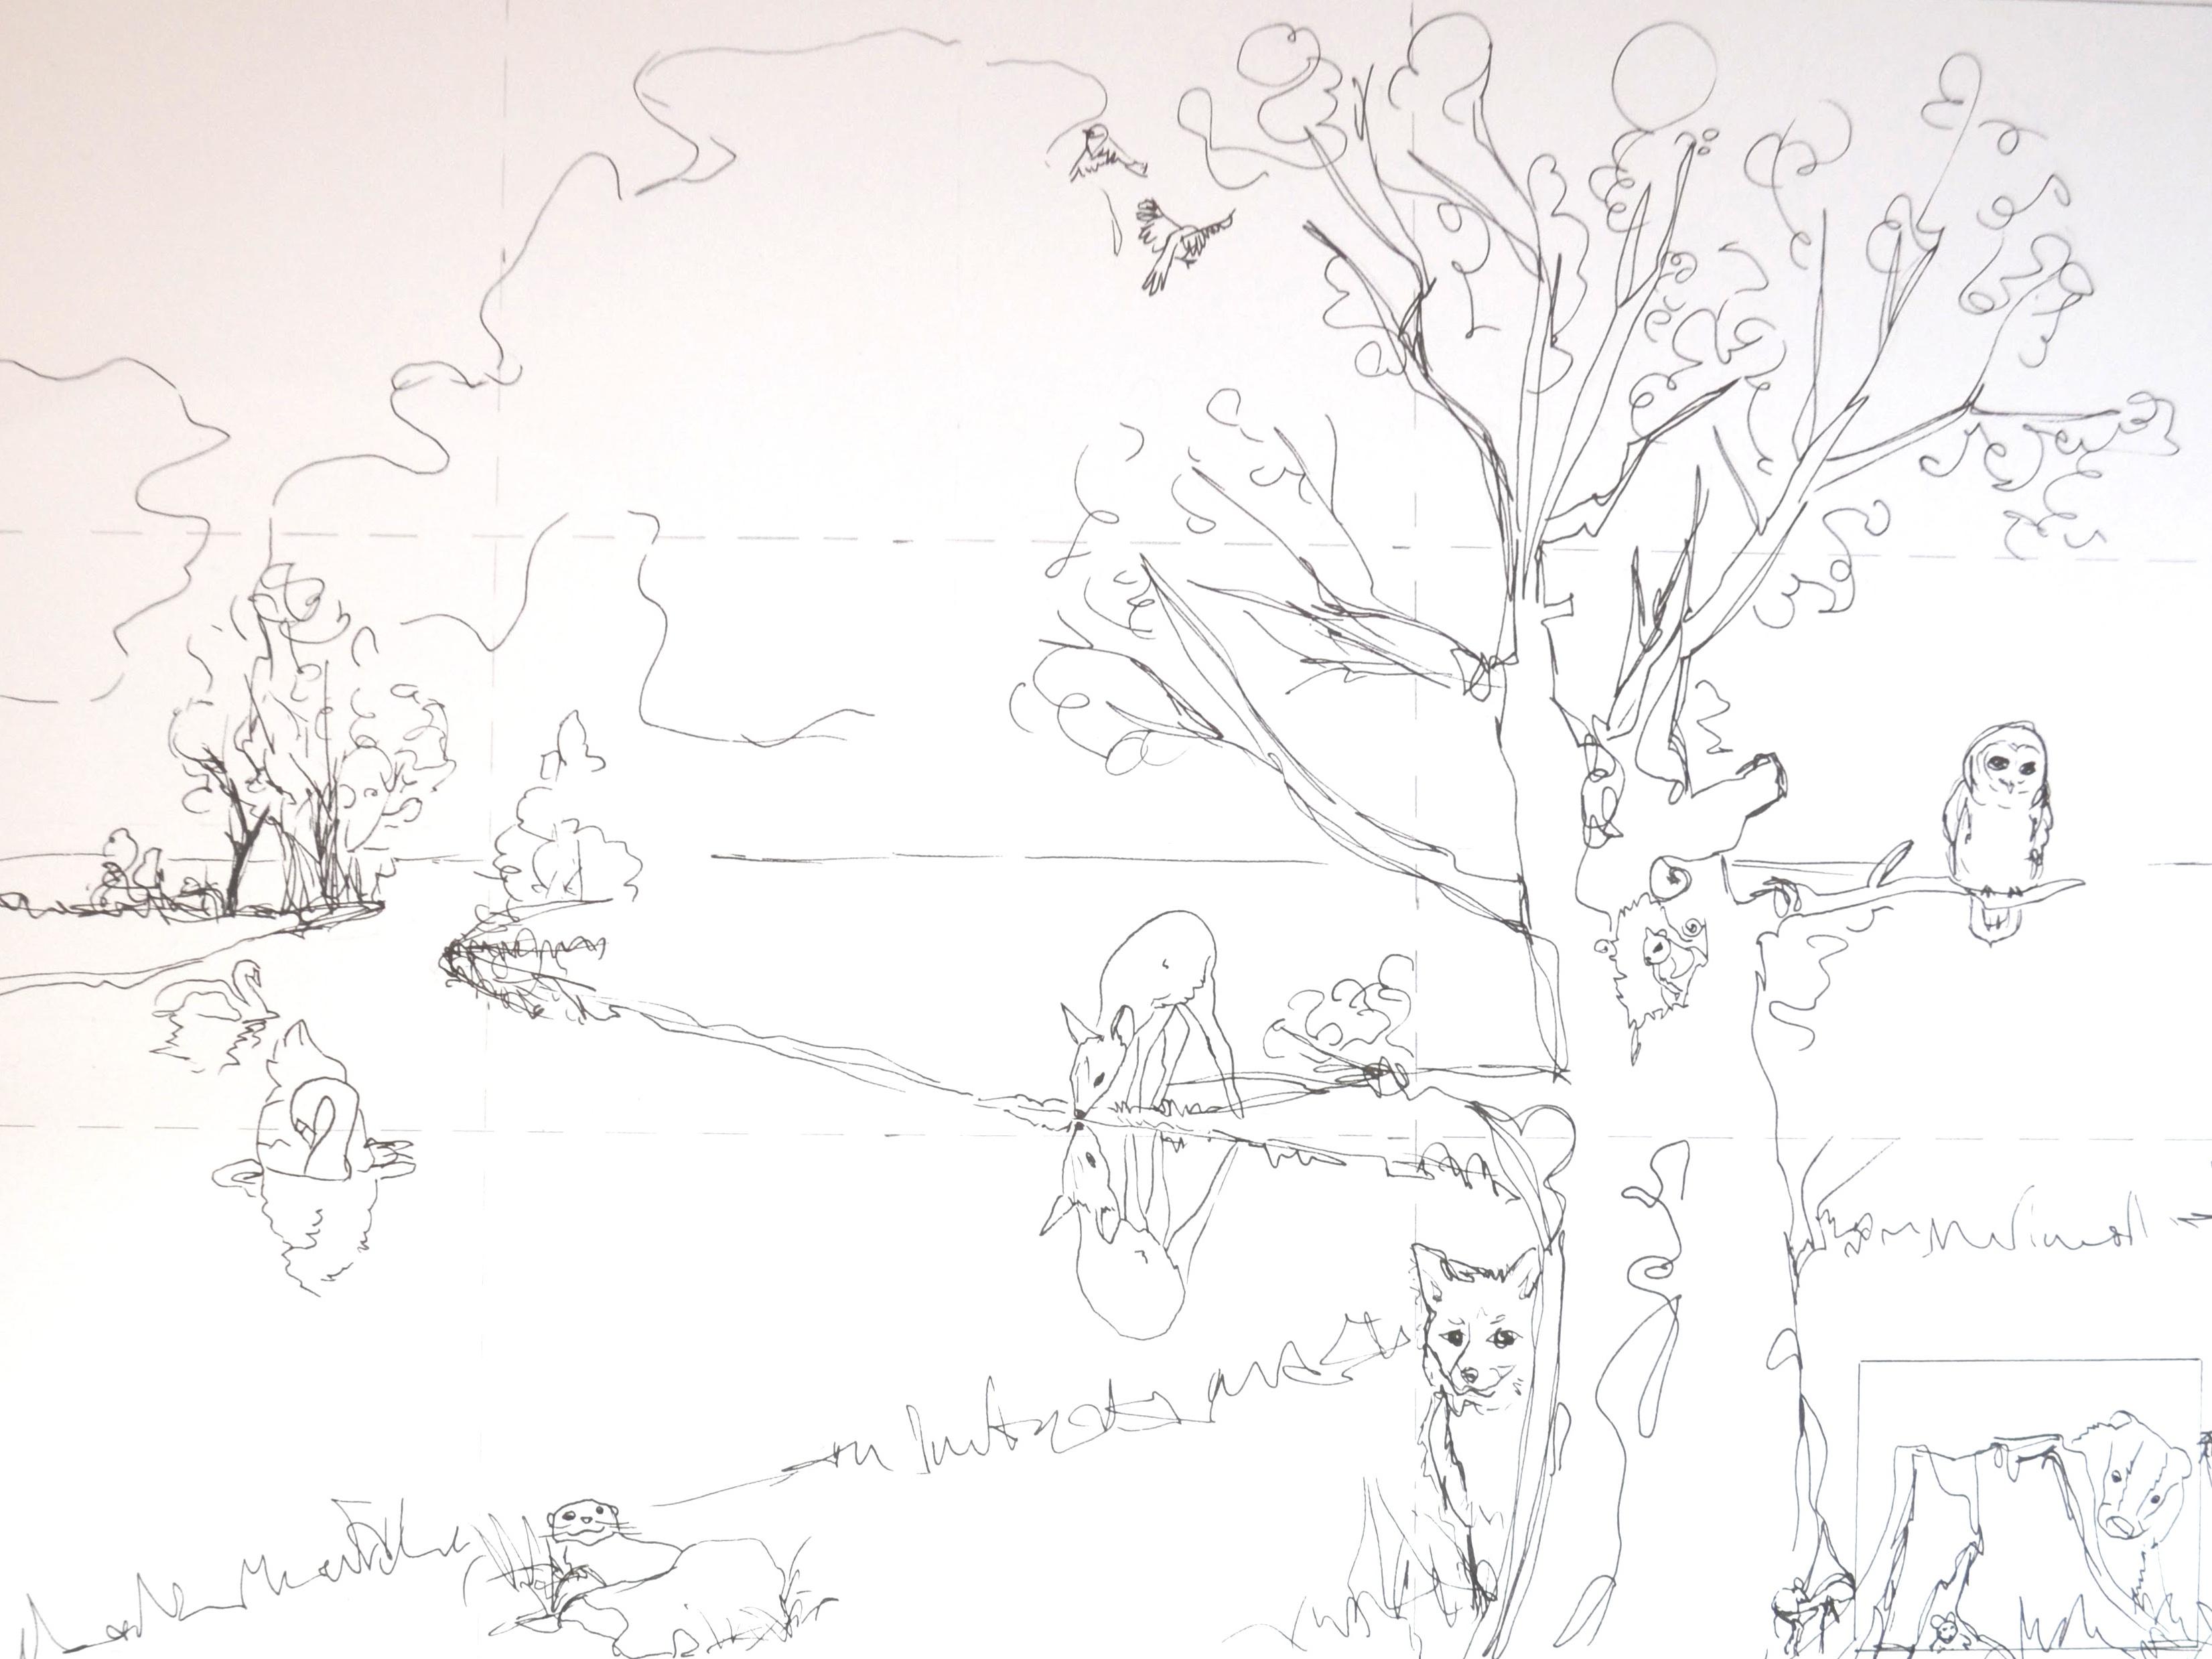 Første skridt i processen - en grov skitse